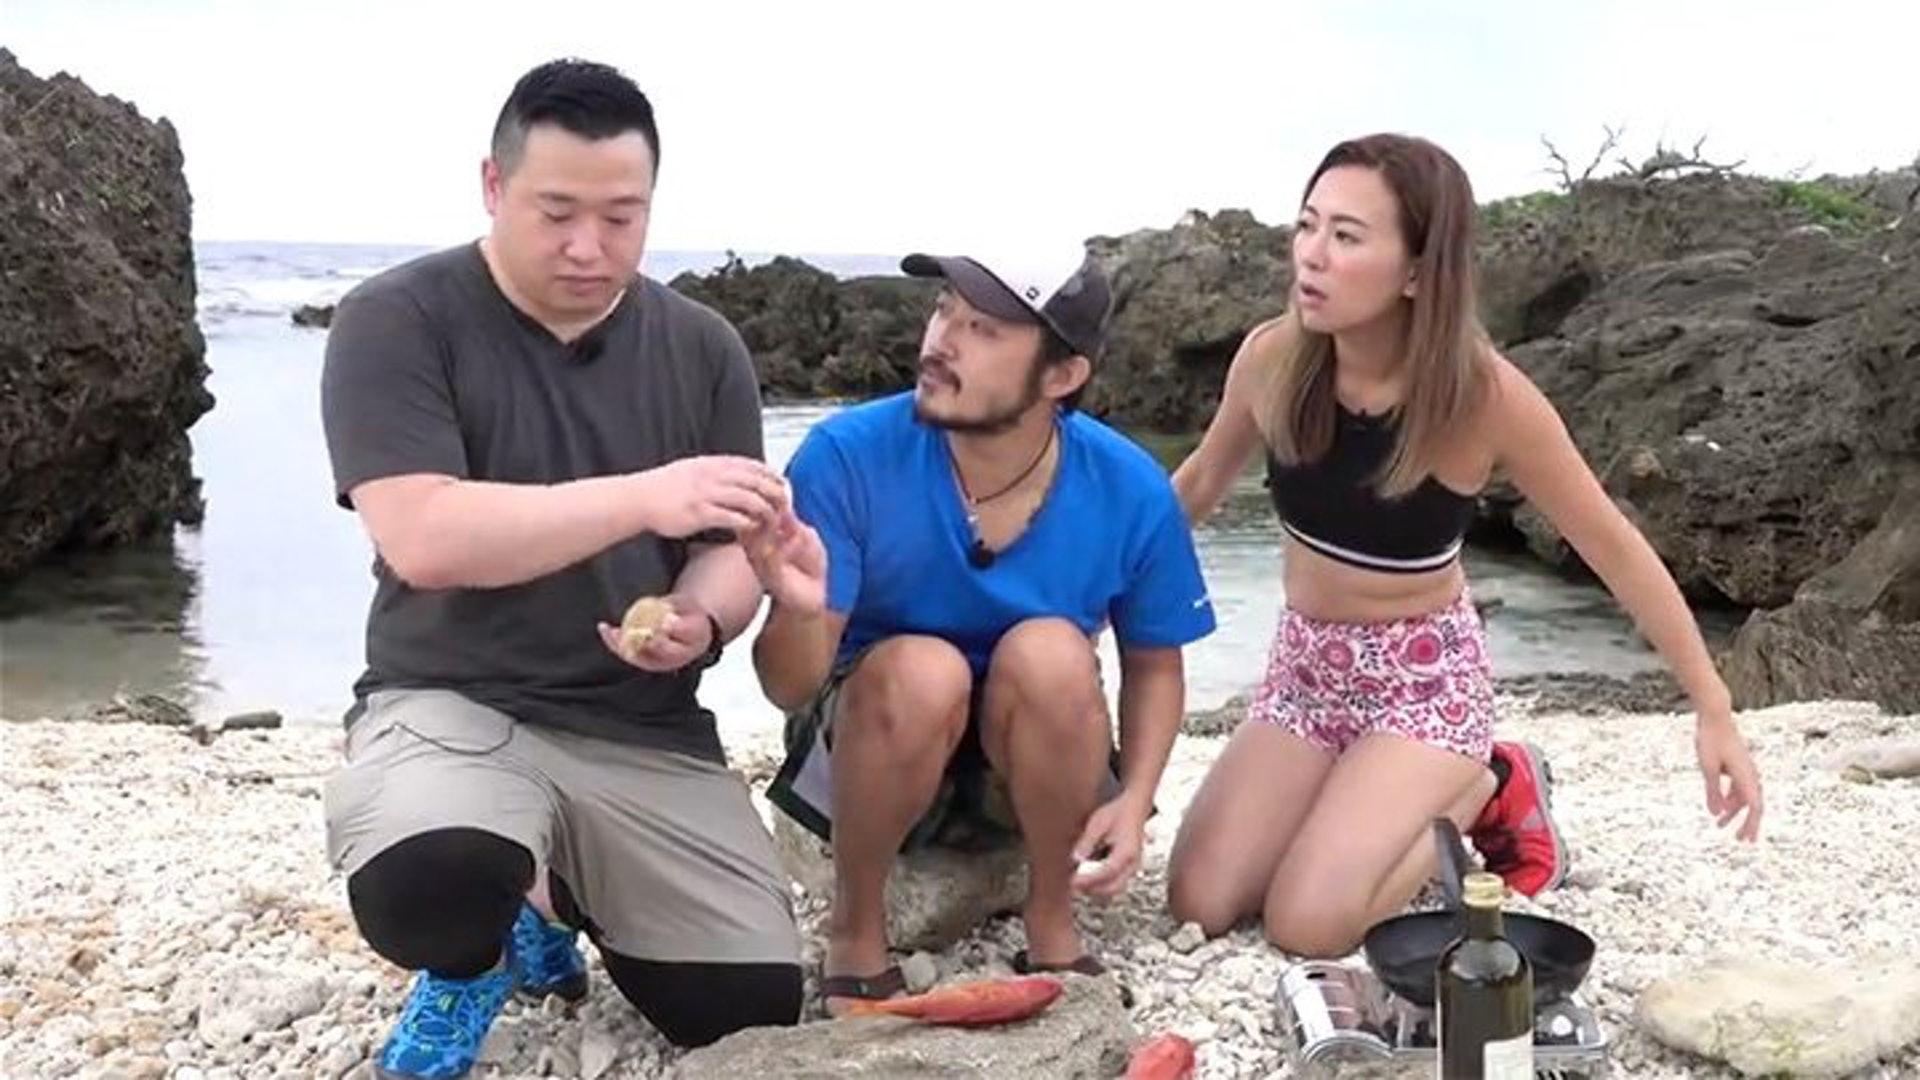 曾國猷曾與梁芷珮主持TVB旅遊節目《超級台灣任務》,惜外界反應平平。(網上圖片)